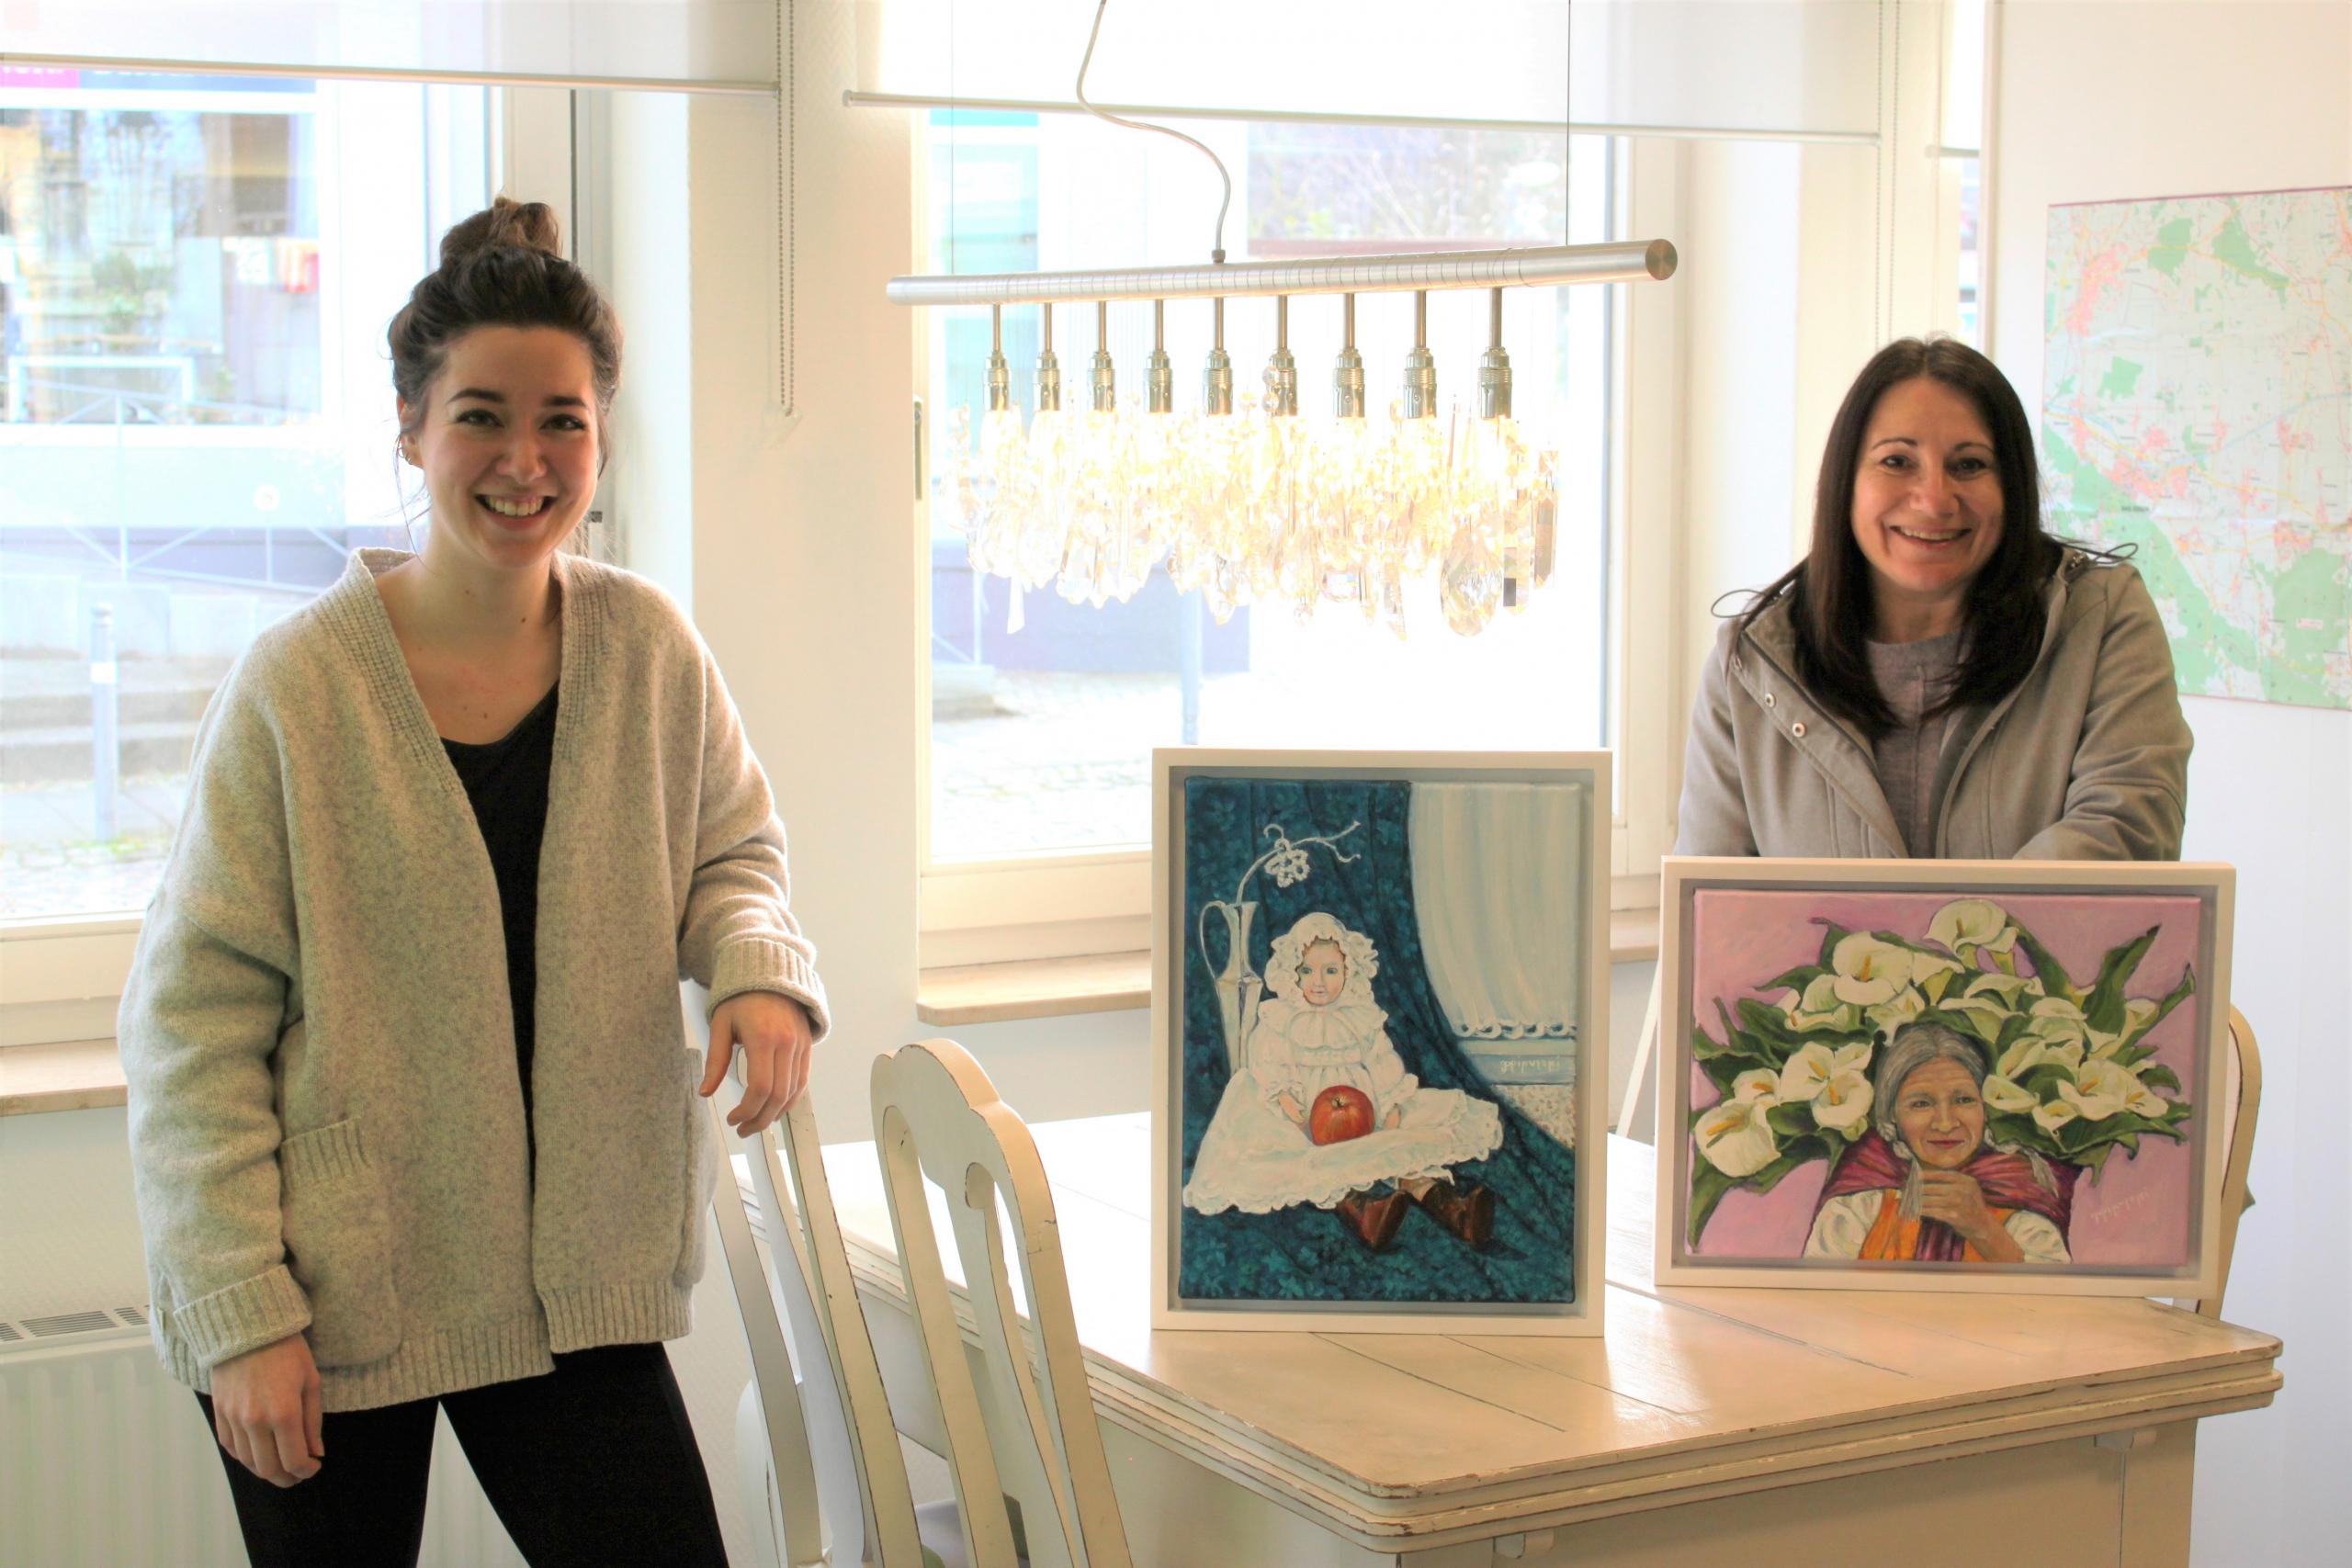 Zwei gemalte Kunstwerke auf weißem Tisch, daneben stehen zwei Frauen